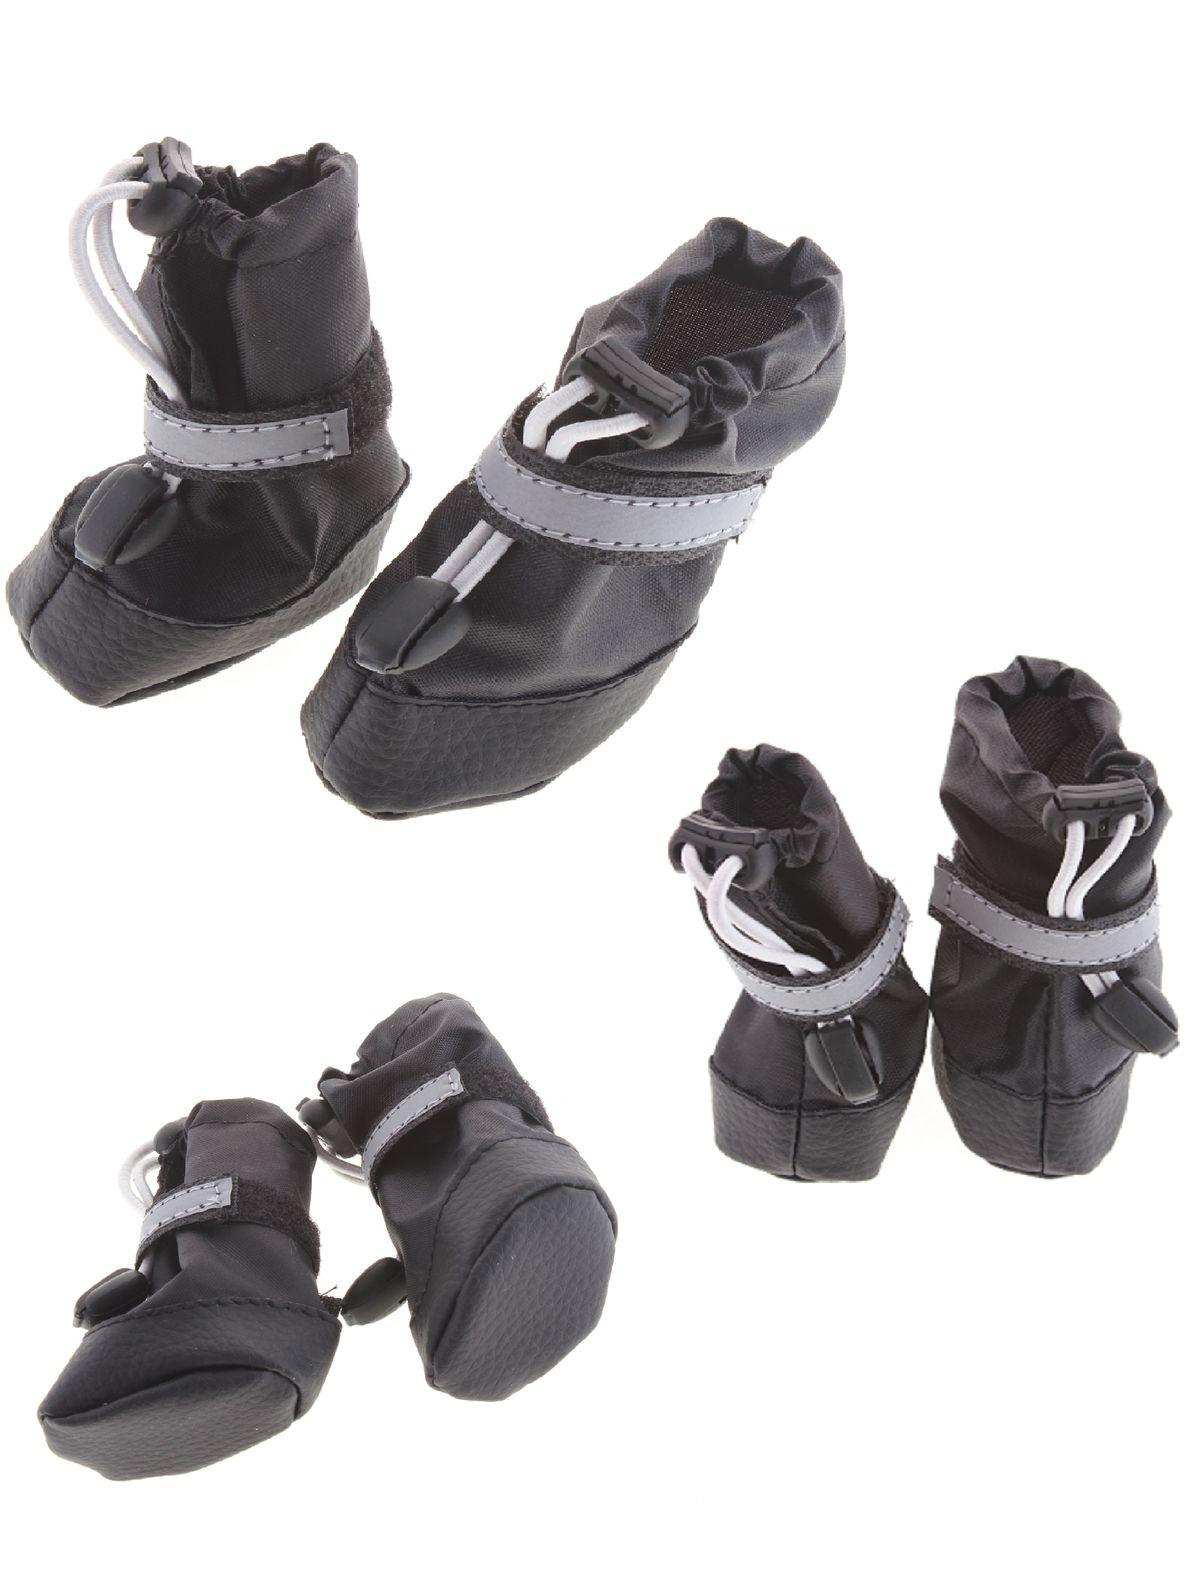 Фото - Обувь для животных ЗООМАНИЯ 7426936750179 interight пара обувь повседневная обувь плоская обувь вождение обувь горох обувь серый 235 метров